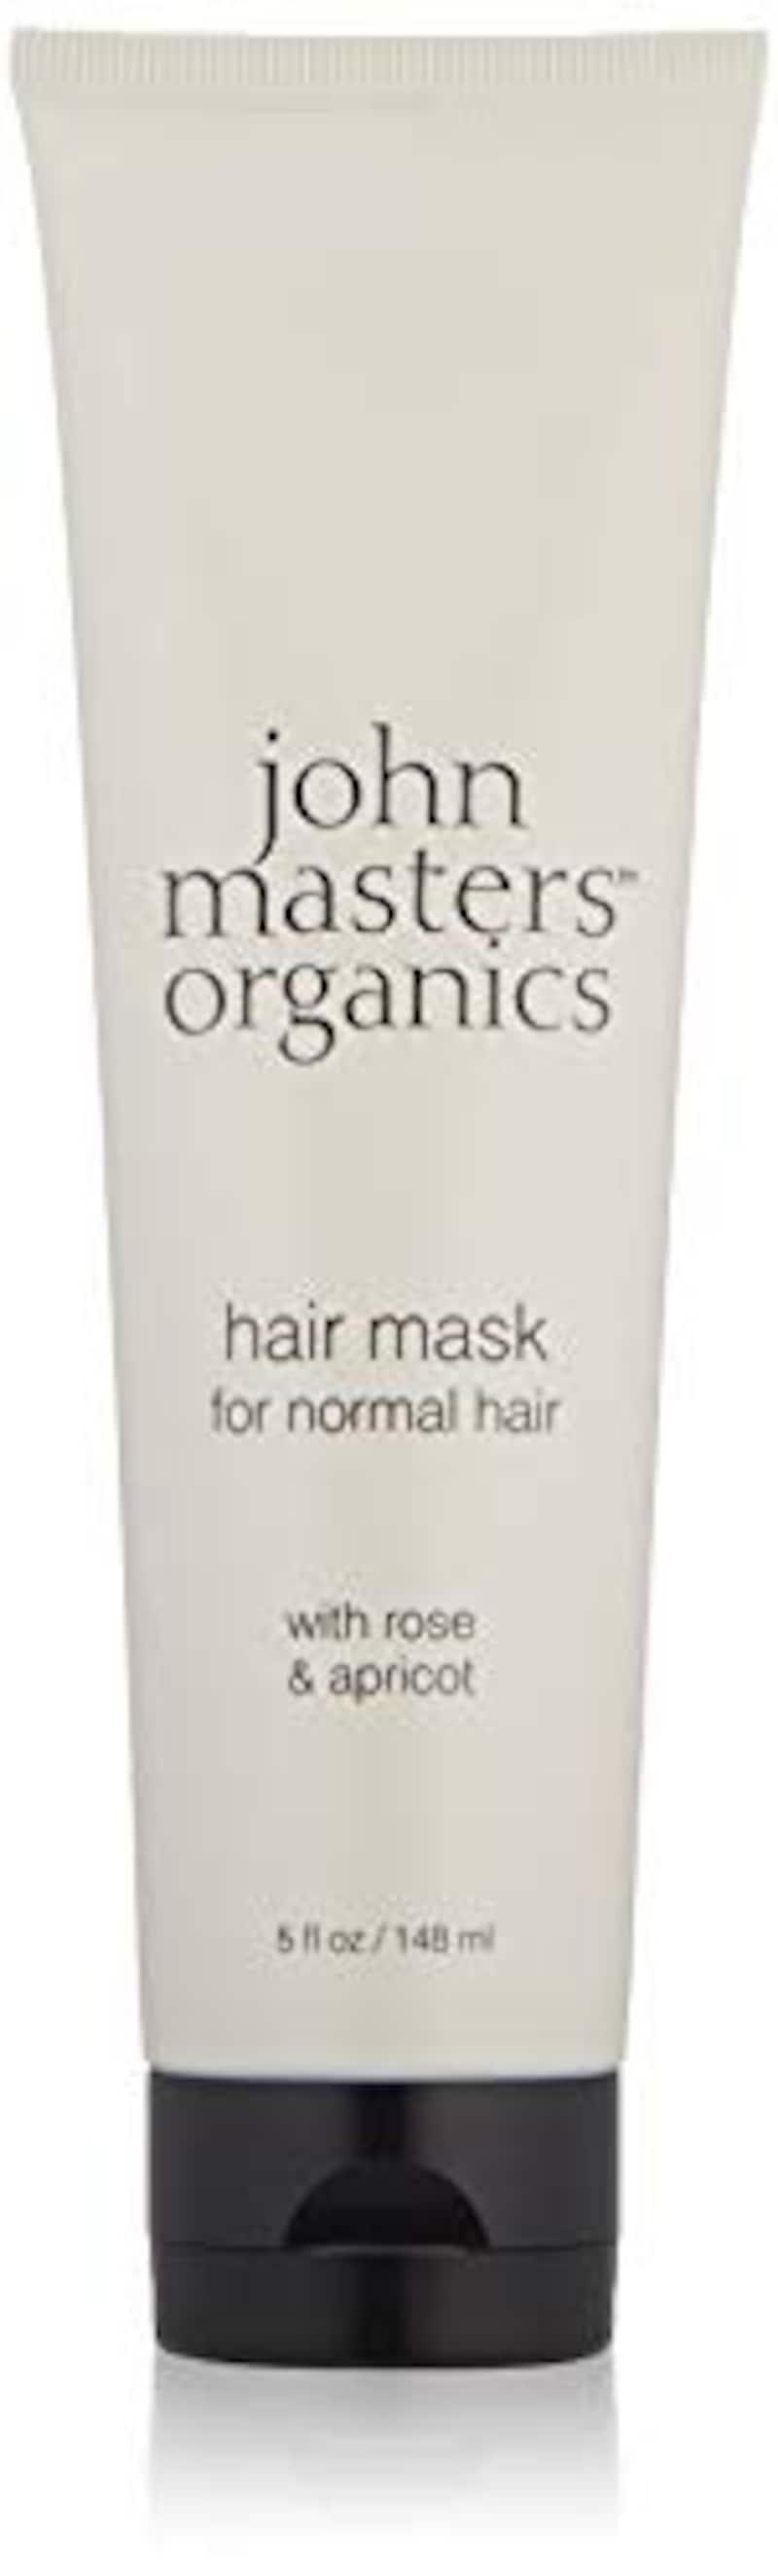 john masters organics,R&Aヘアマスク